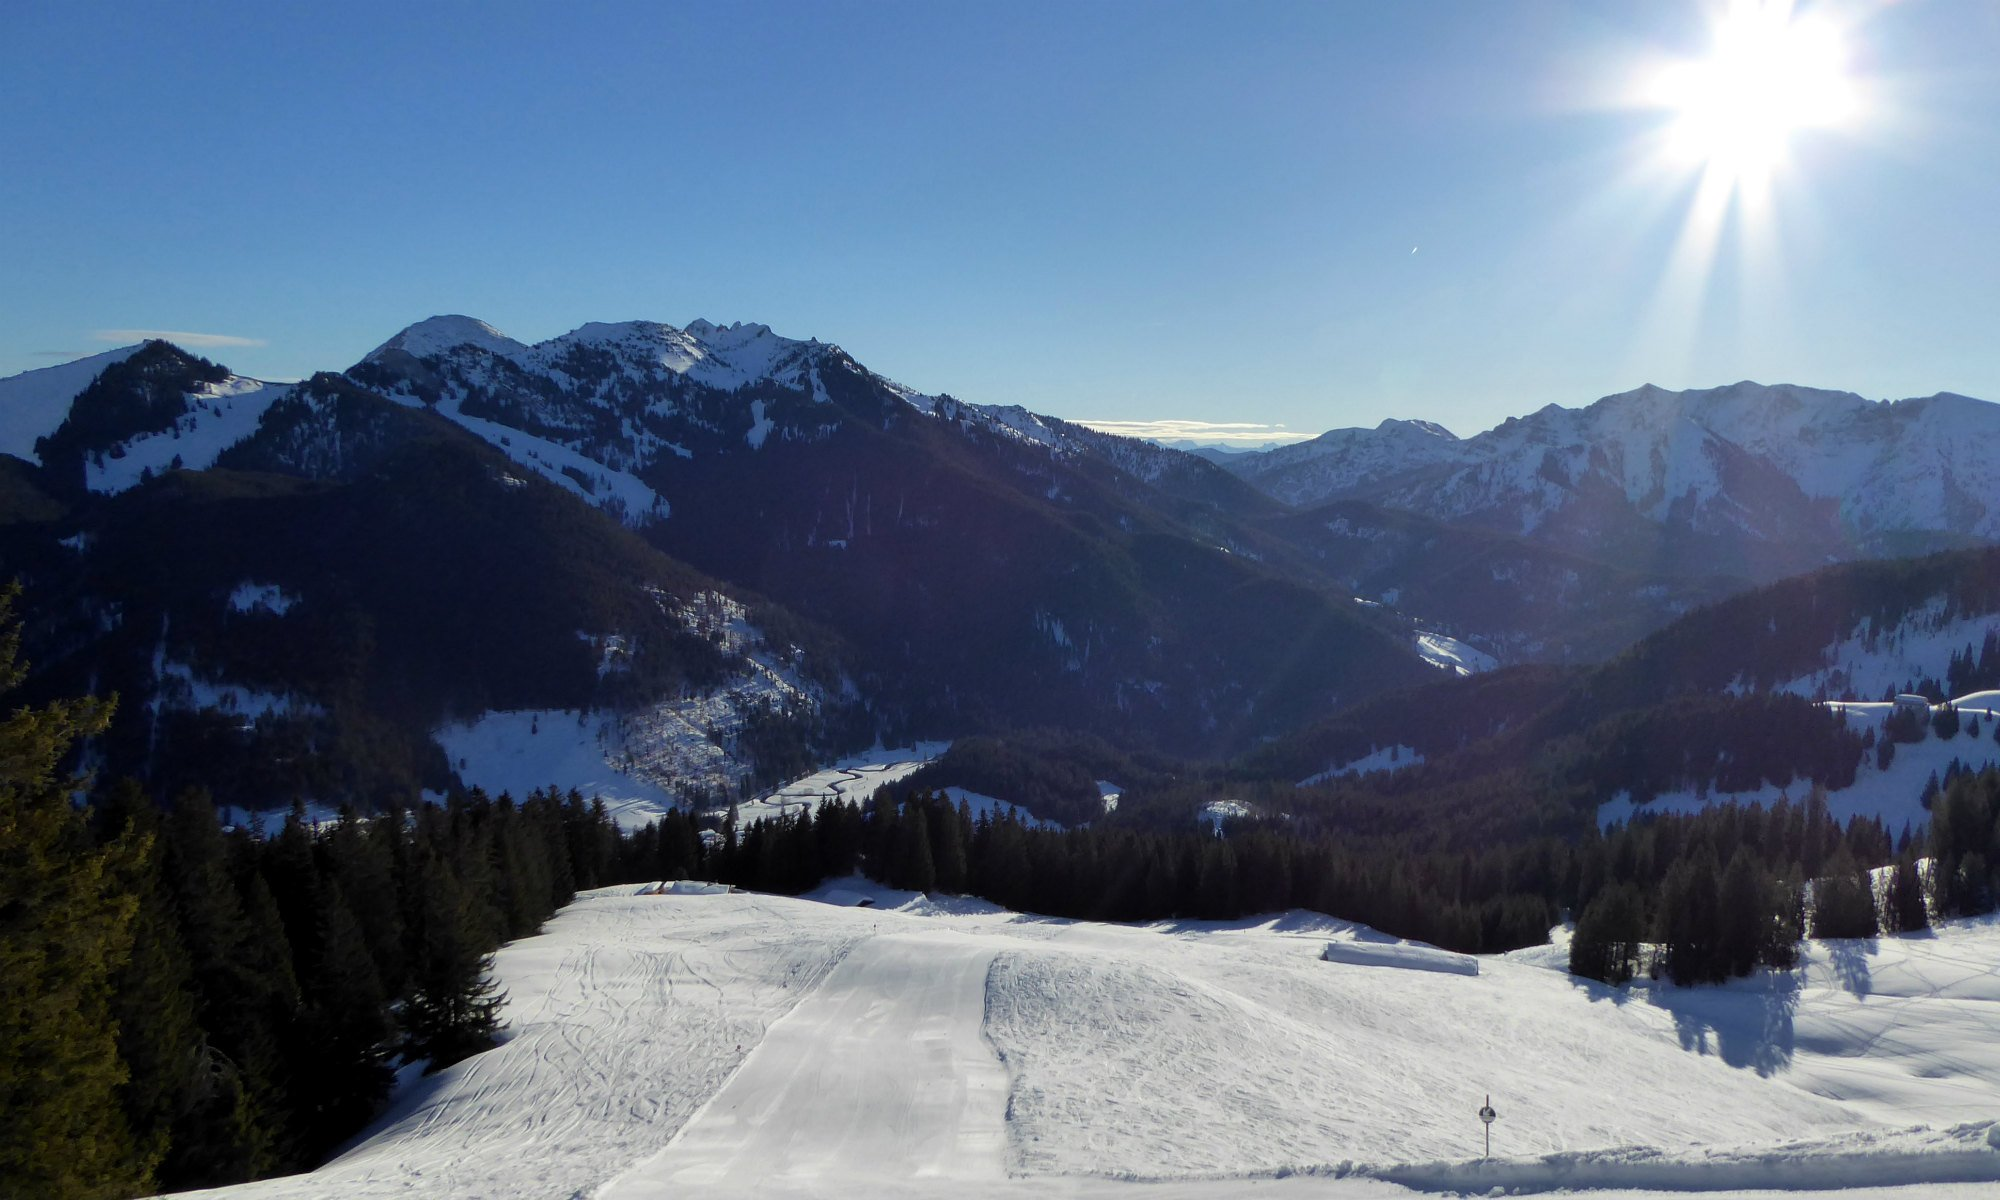 Blick auf sonnige Skipisten im Skigebiet Tegernsee.